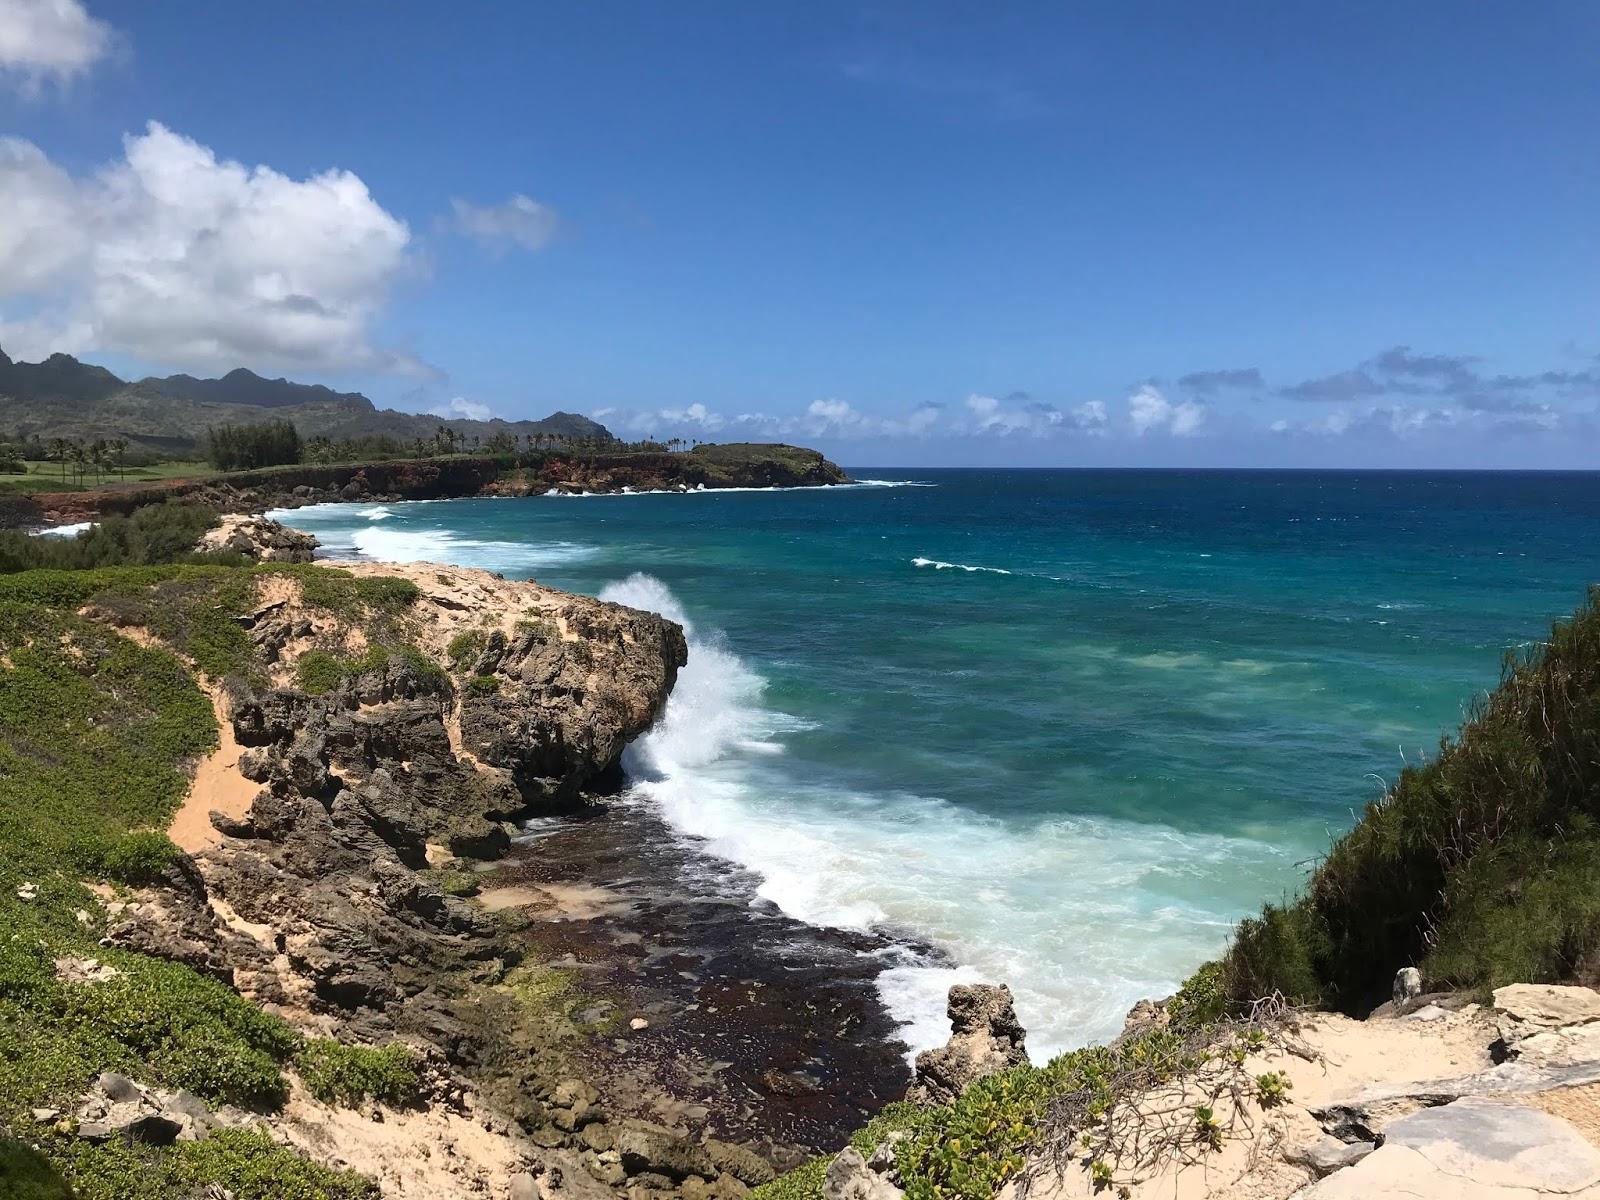 Mahaulepu Heritage Coastal Trail | Hiking in Kauai | Kauai Itinerary | What to See in Kauai | A Memory of Us